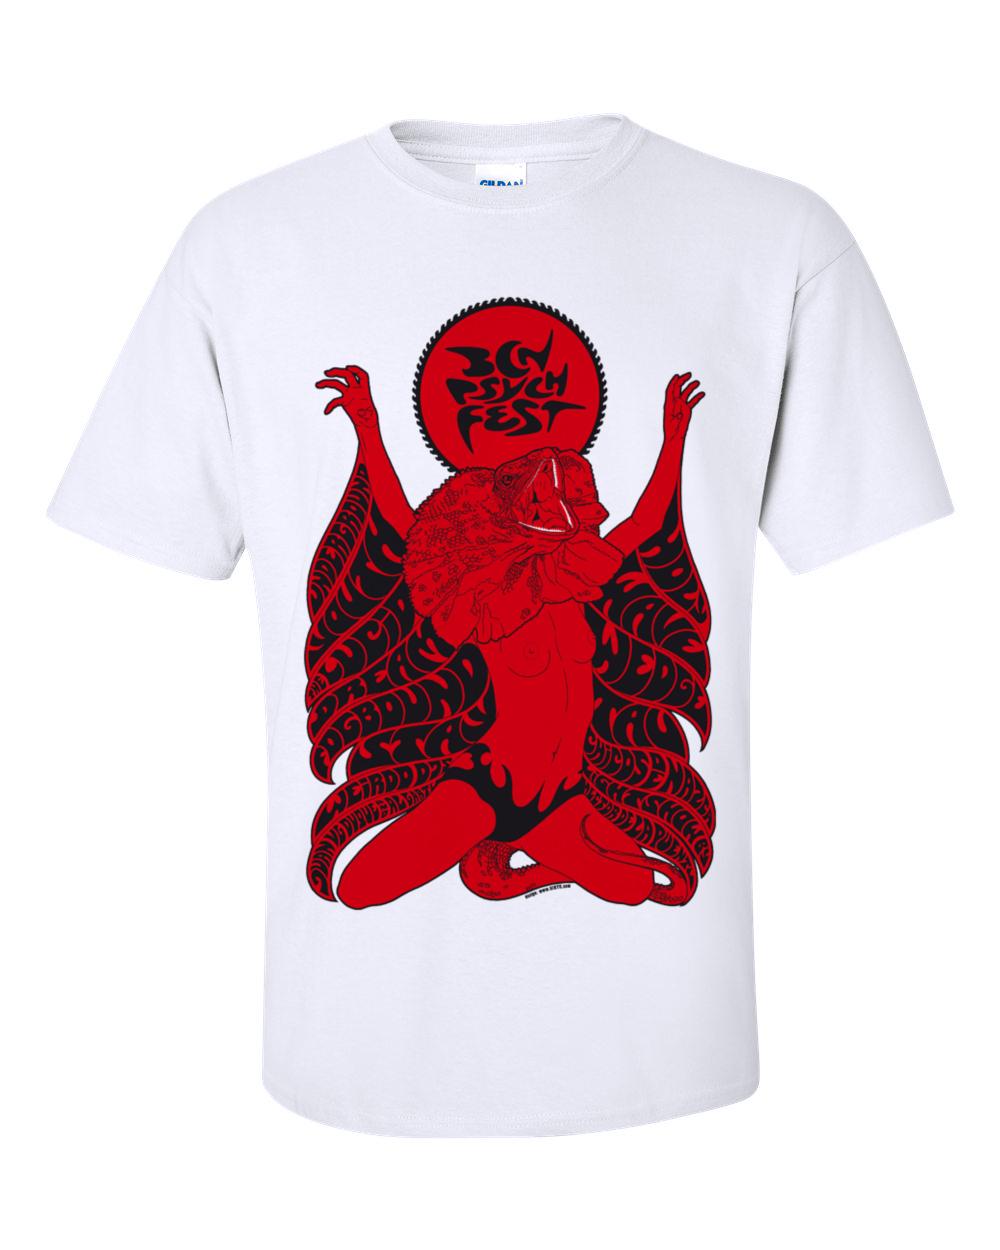 Logos & Shirts